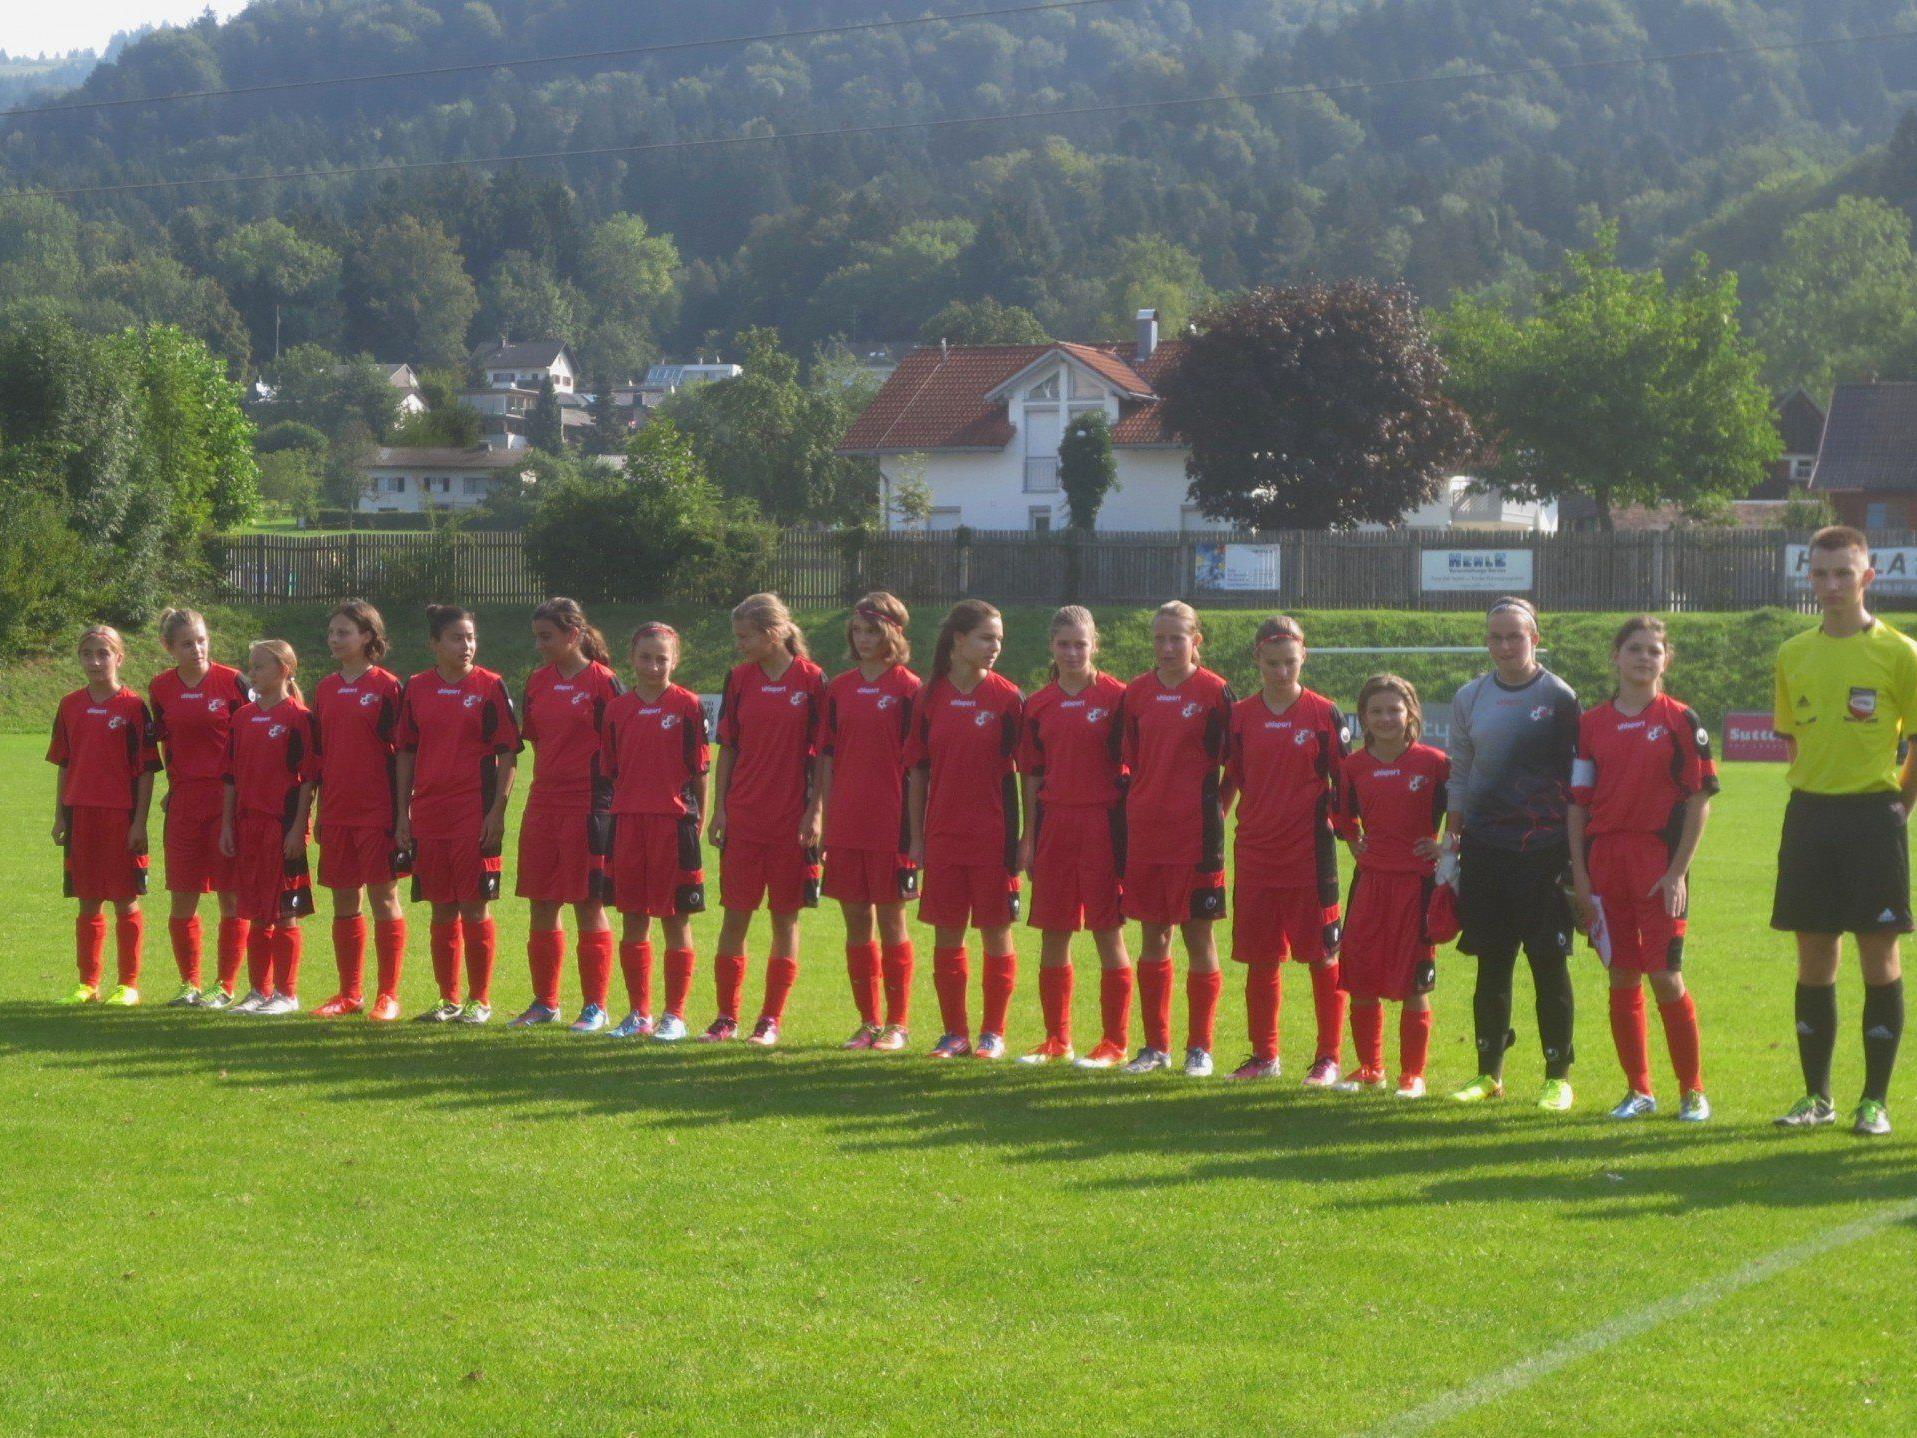 Vorarlbergs U-14-Mädchen-Auswahl spielte auf der Sportanlage Hoferfeld in Lochau gegen Burgenland.